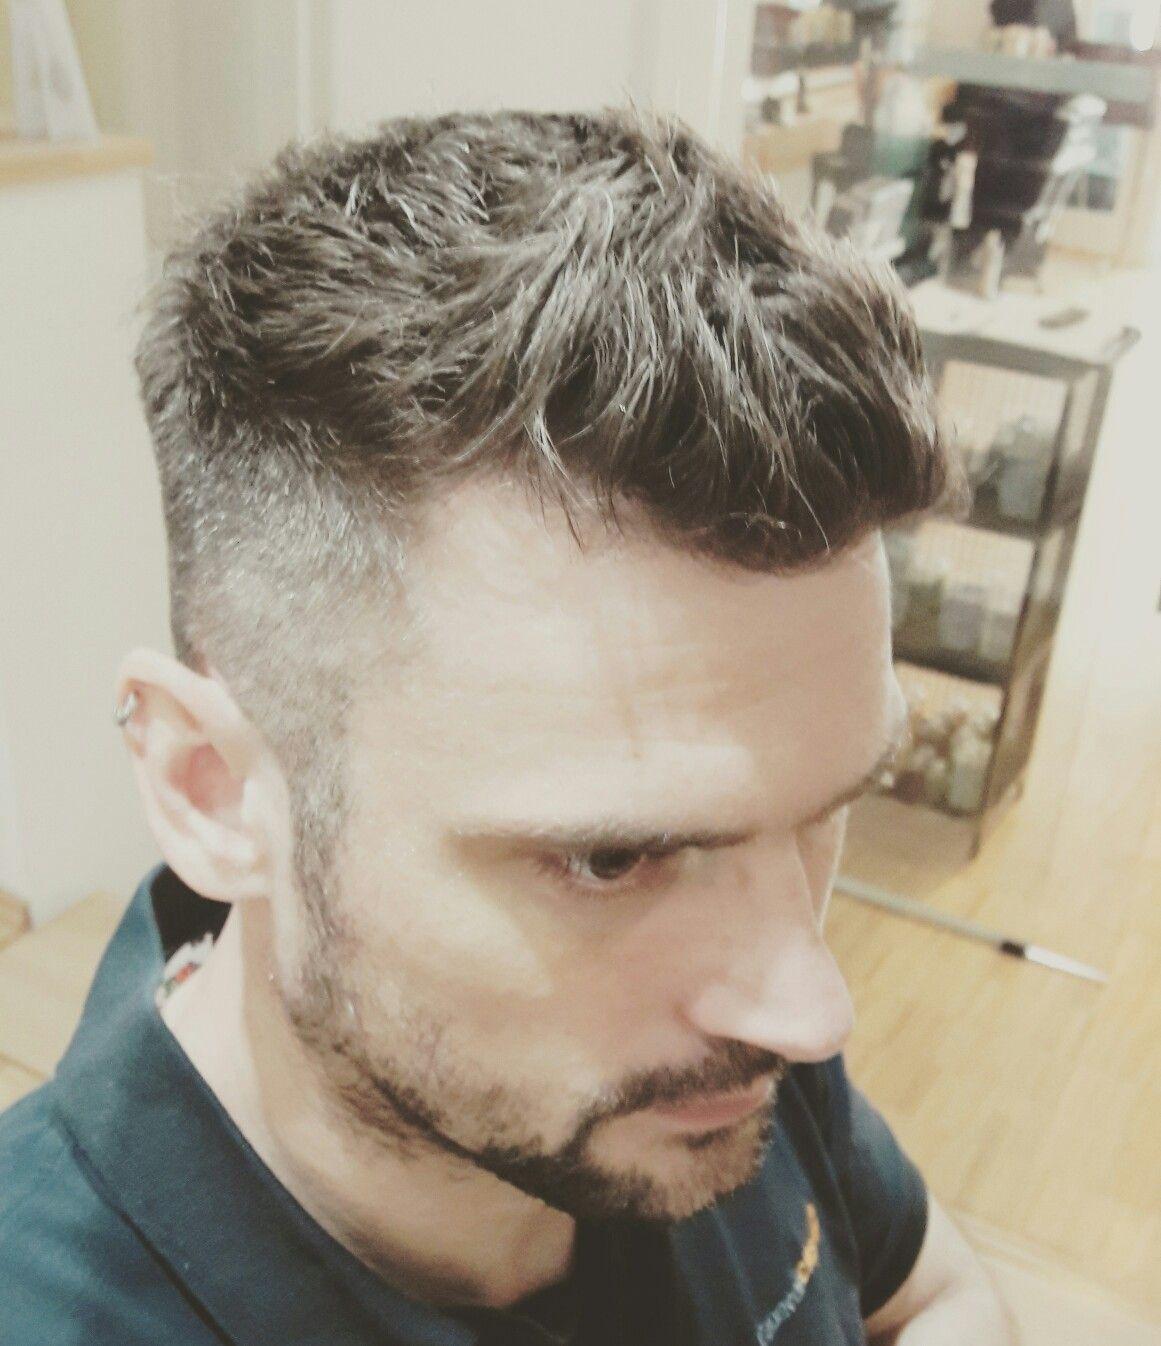 Herren Haarschnitt Die Seiten Sind In Den Konturen Auf 2mm